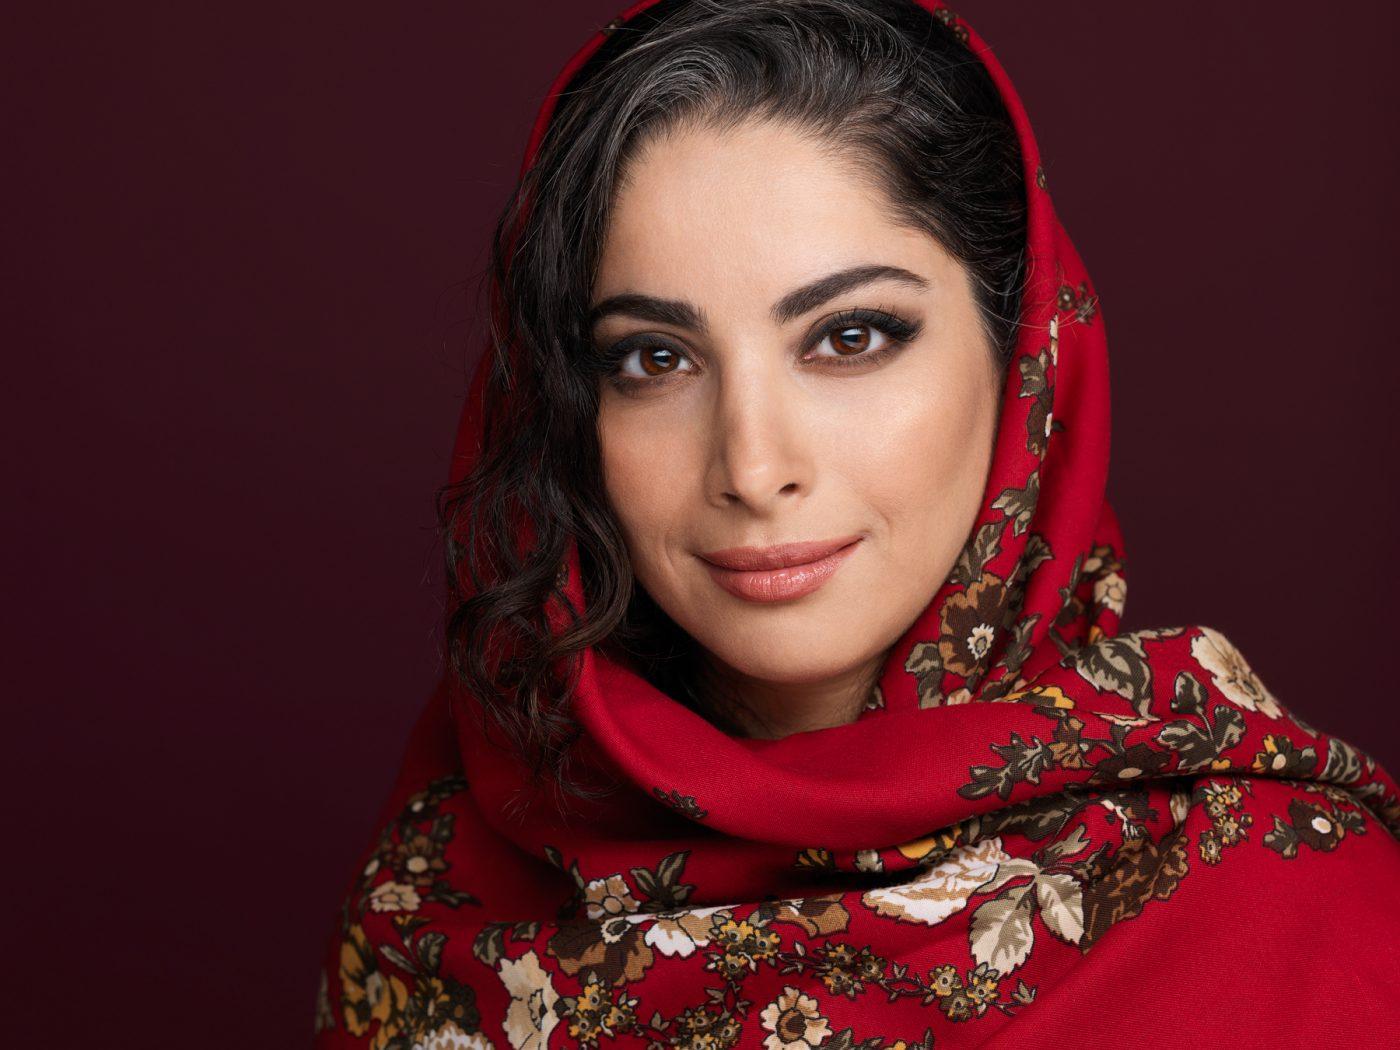 Arabian makeup, arabic makeup, Iranian makeup, event makeup